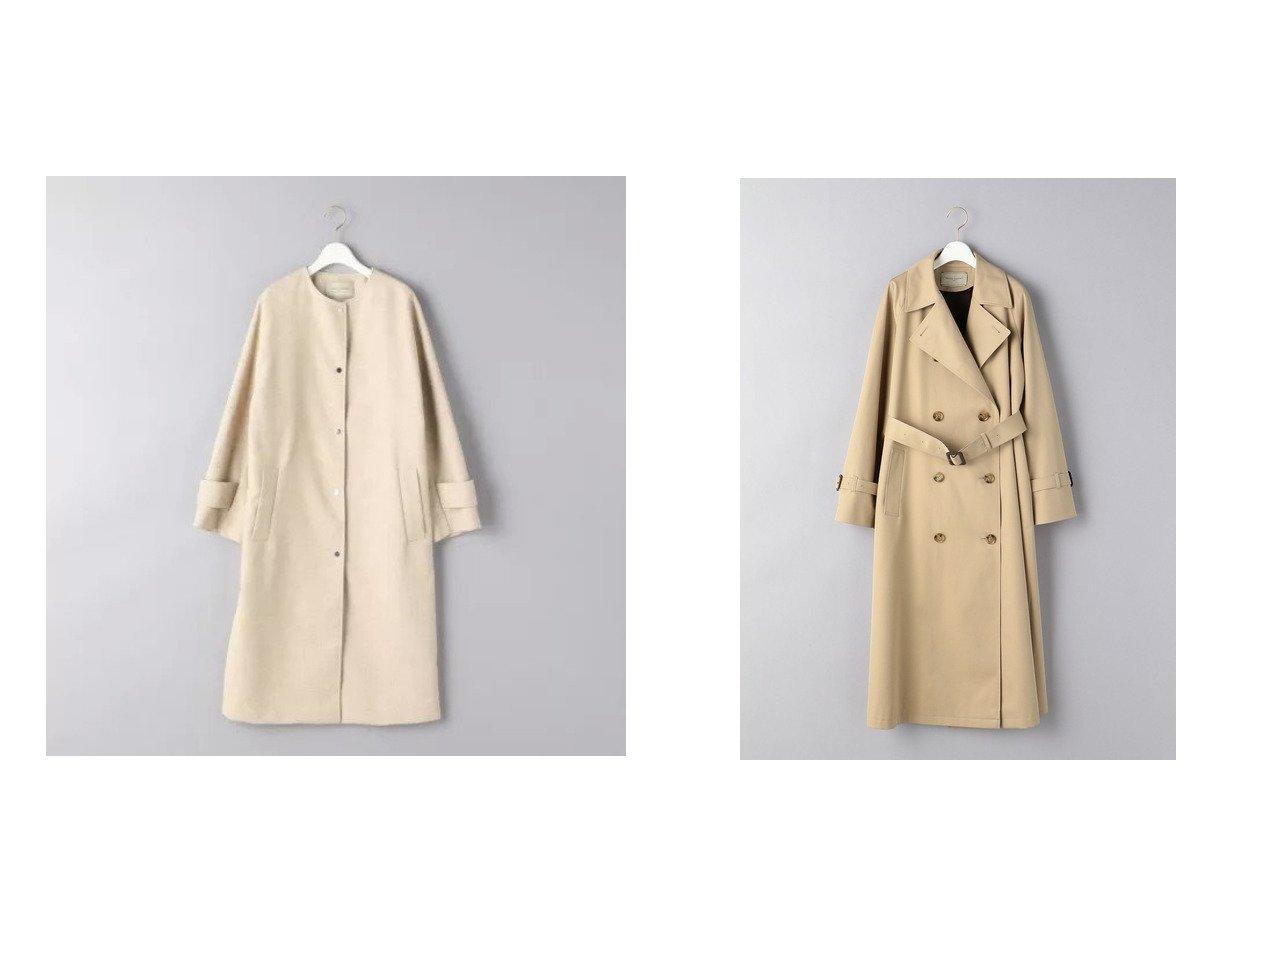 【UNITED ARROWS/ユナイテッドアローズ】のUBC フェイクリネン ノーカラーコート&UBC ギャバ トレンチコート 21SS アウターのおすすめ!人気、トレンド・レディースファッションの通販 おすすめで人気の流行・トレンド、ファッションの通販商品 メンズファッション・キッズファッション・インテリア・家具・レディースファッション・服の通販 founy(ファニー) https://founy.com/ ファッション Fashion レディースファッション WOMEN アウター Coat Outerwear コート Coats ジャケット Jackets トレンチコート Trench Coats NEW・新作・新着・新入荷 New Arrivals 2021年 2021 2021 春夏 S/S SS Spring/Summer 2021 S/S 春夏 SS Spring/Summer ジャケット スリーブ ライナー ロング 定番 Standard イタリア フロント リネン |ID:crp329100000023999